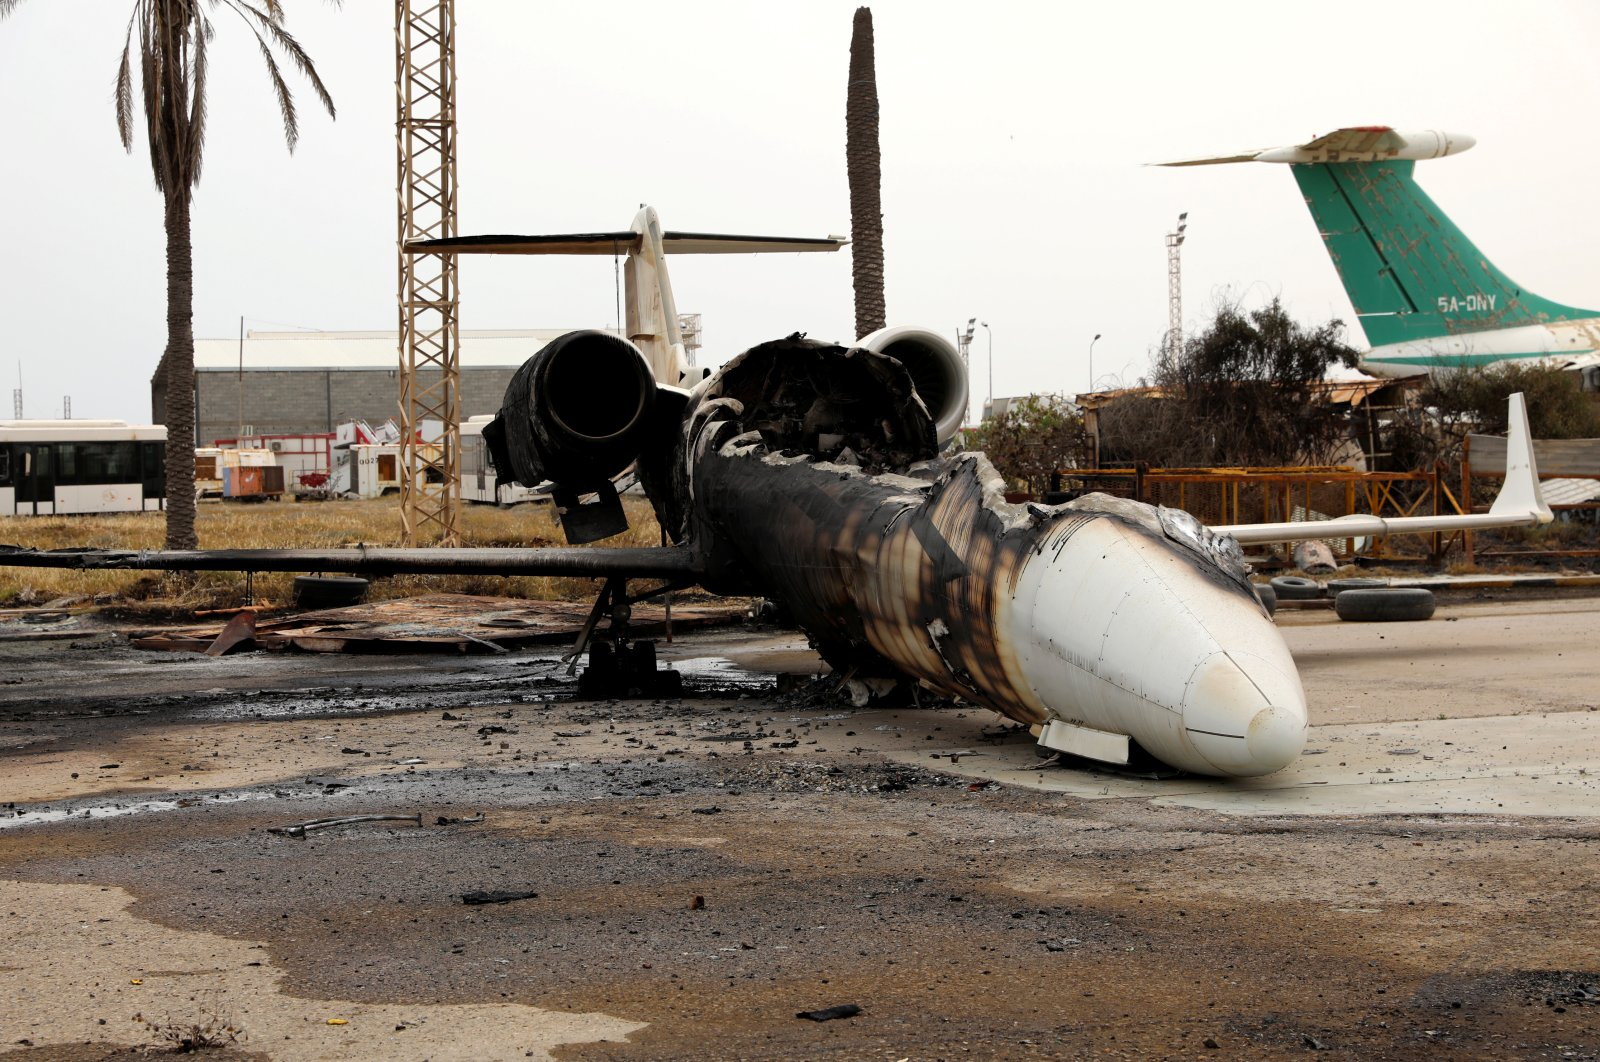 A passenger plane damaged by Haftar shelling seen at Mitiga airport Tripoli, Libya, May 10, 2020. (Reuters Photo)